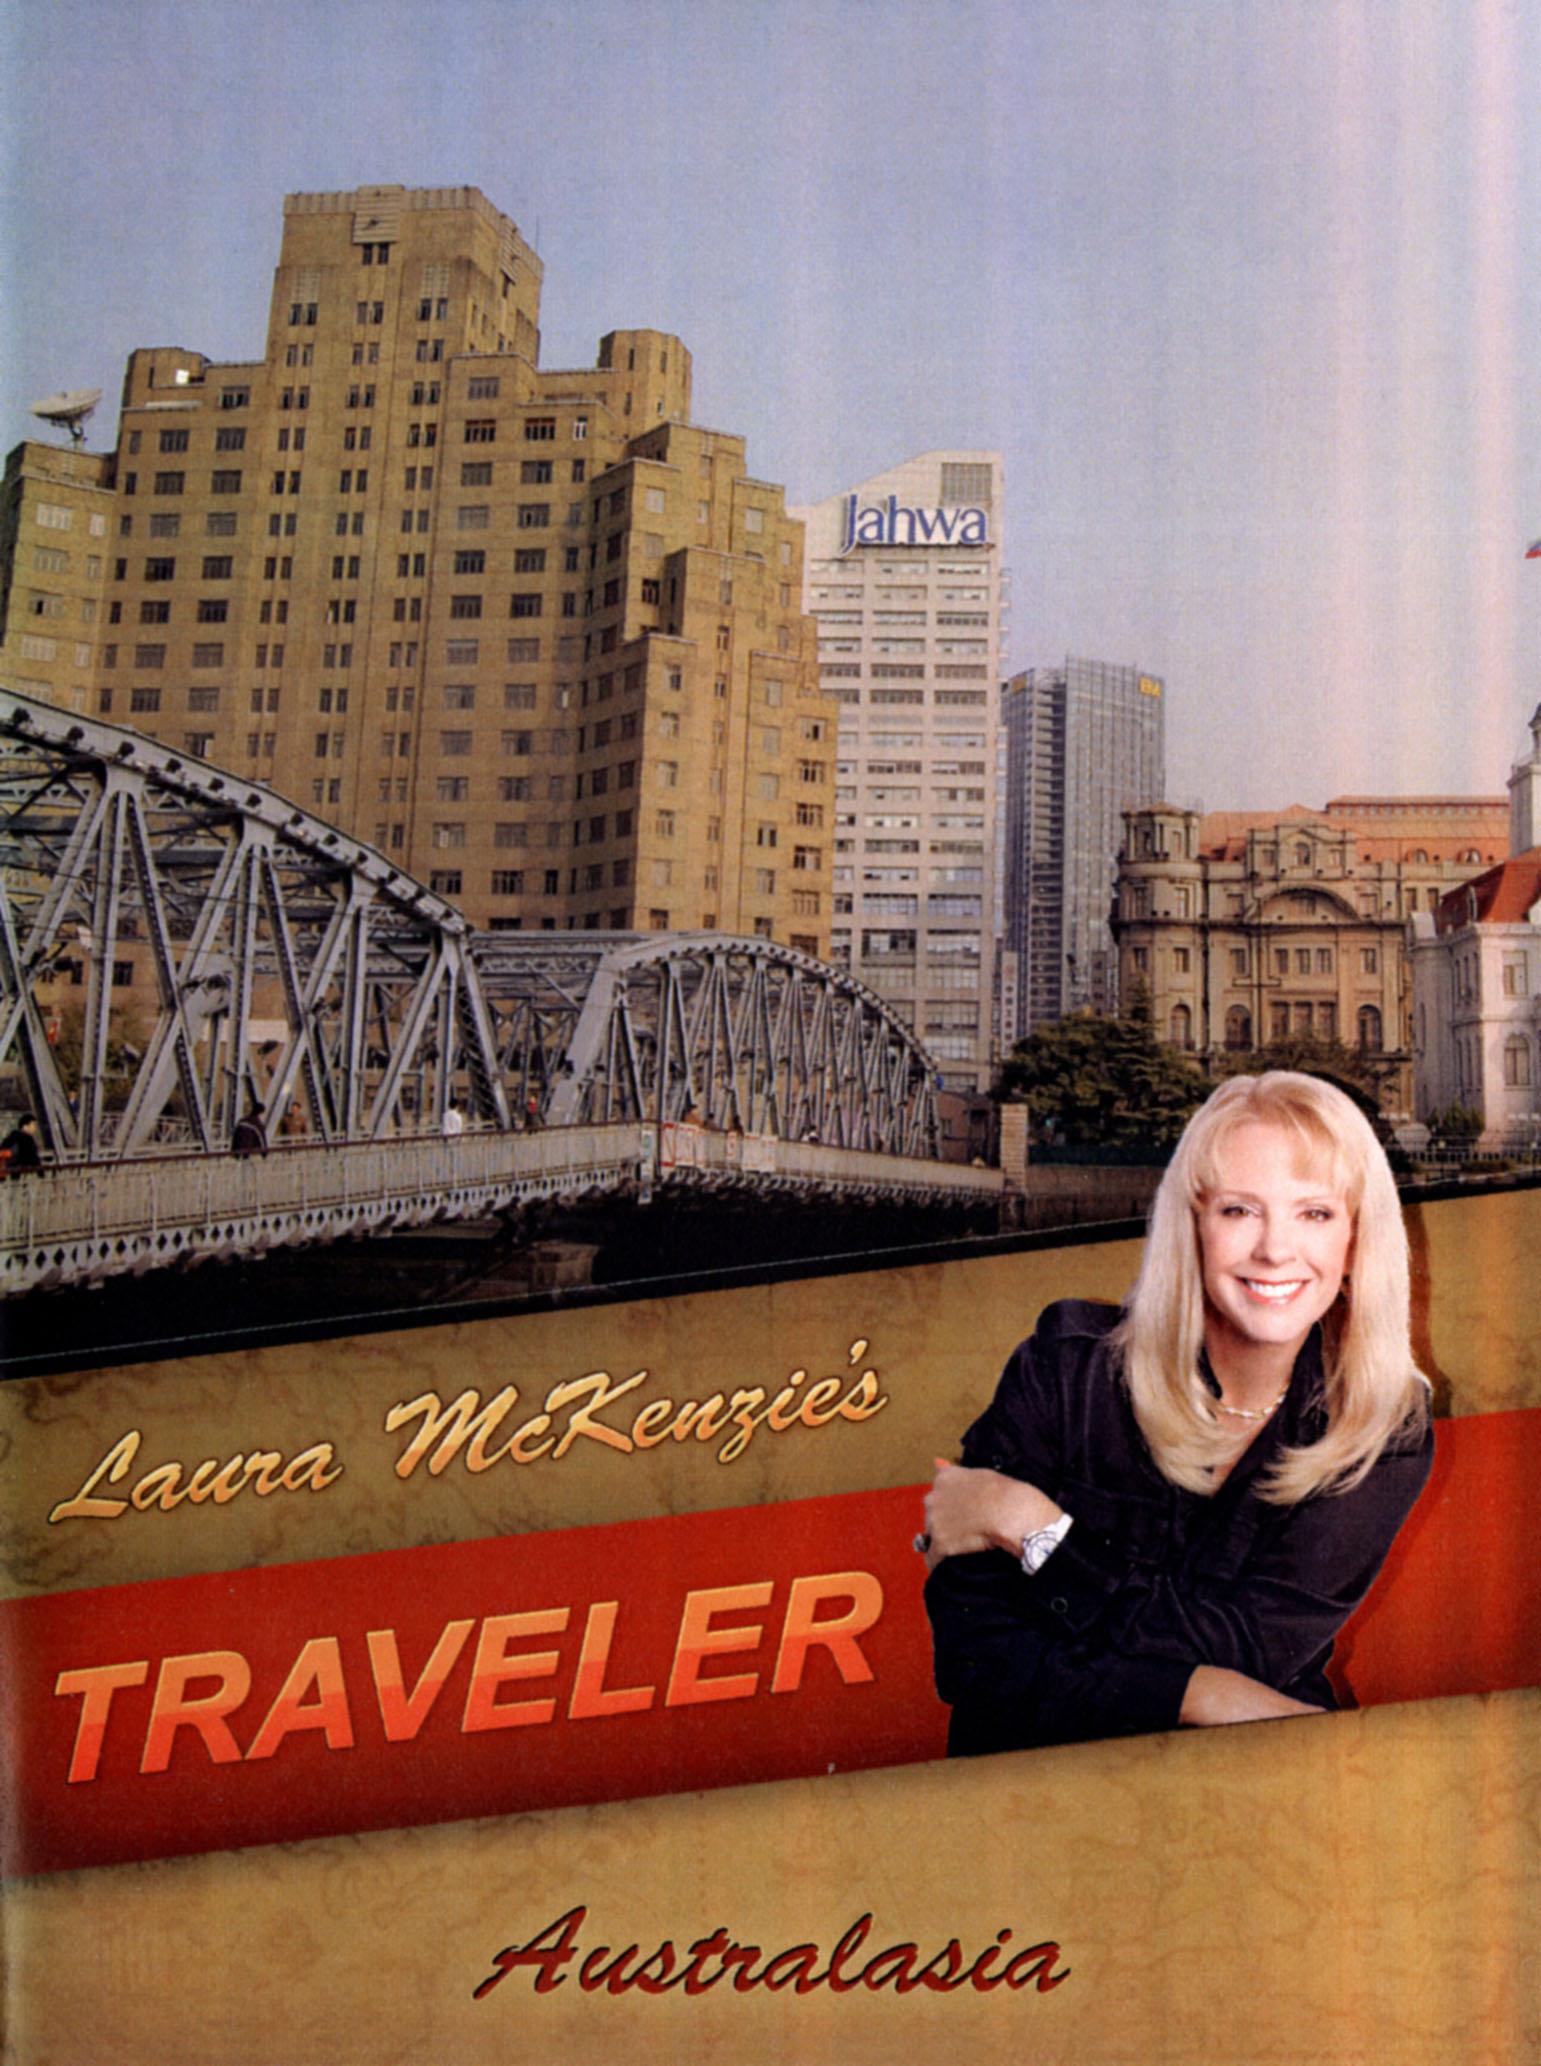 Laura McKenzie's Traveler: Australasia